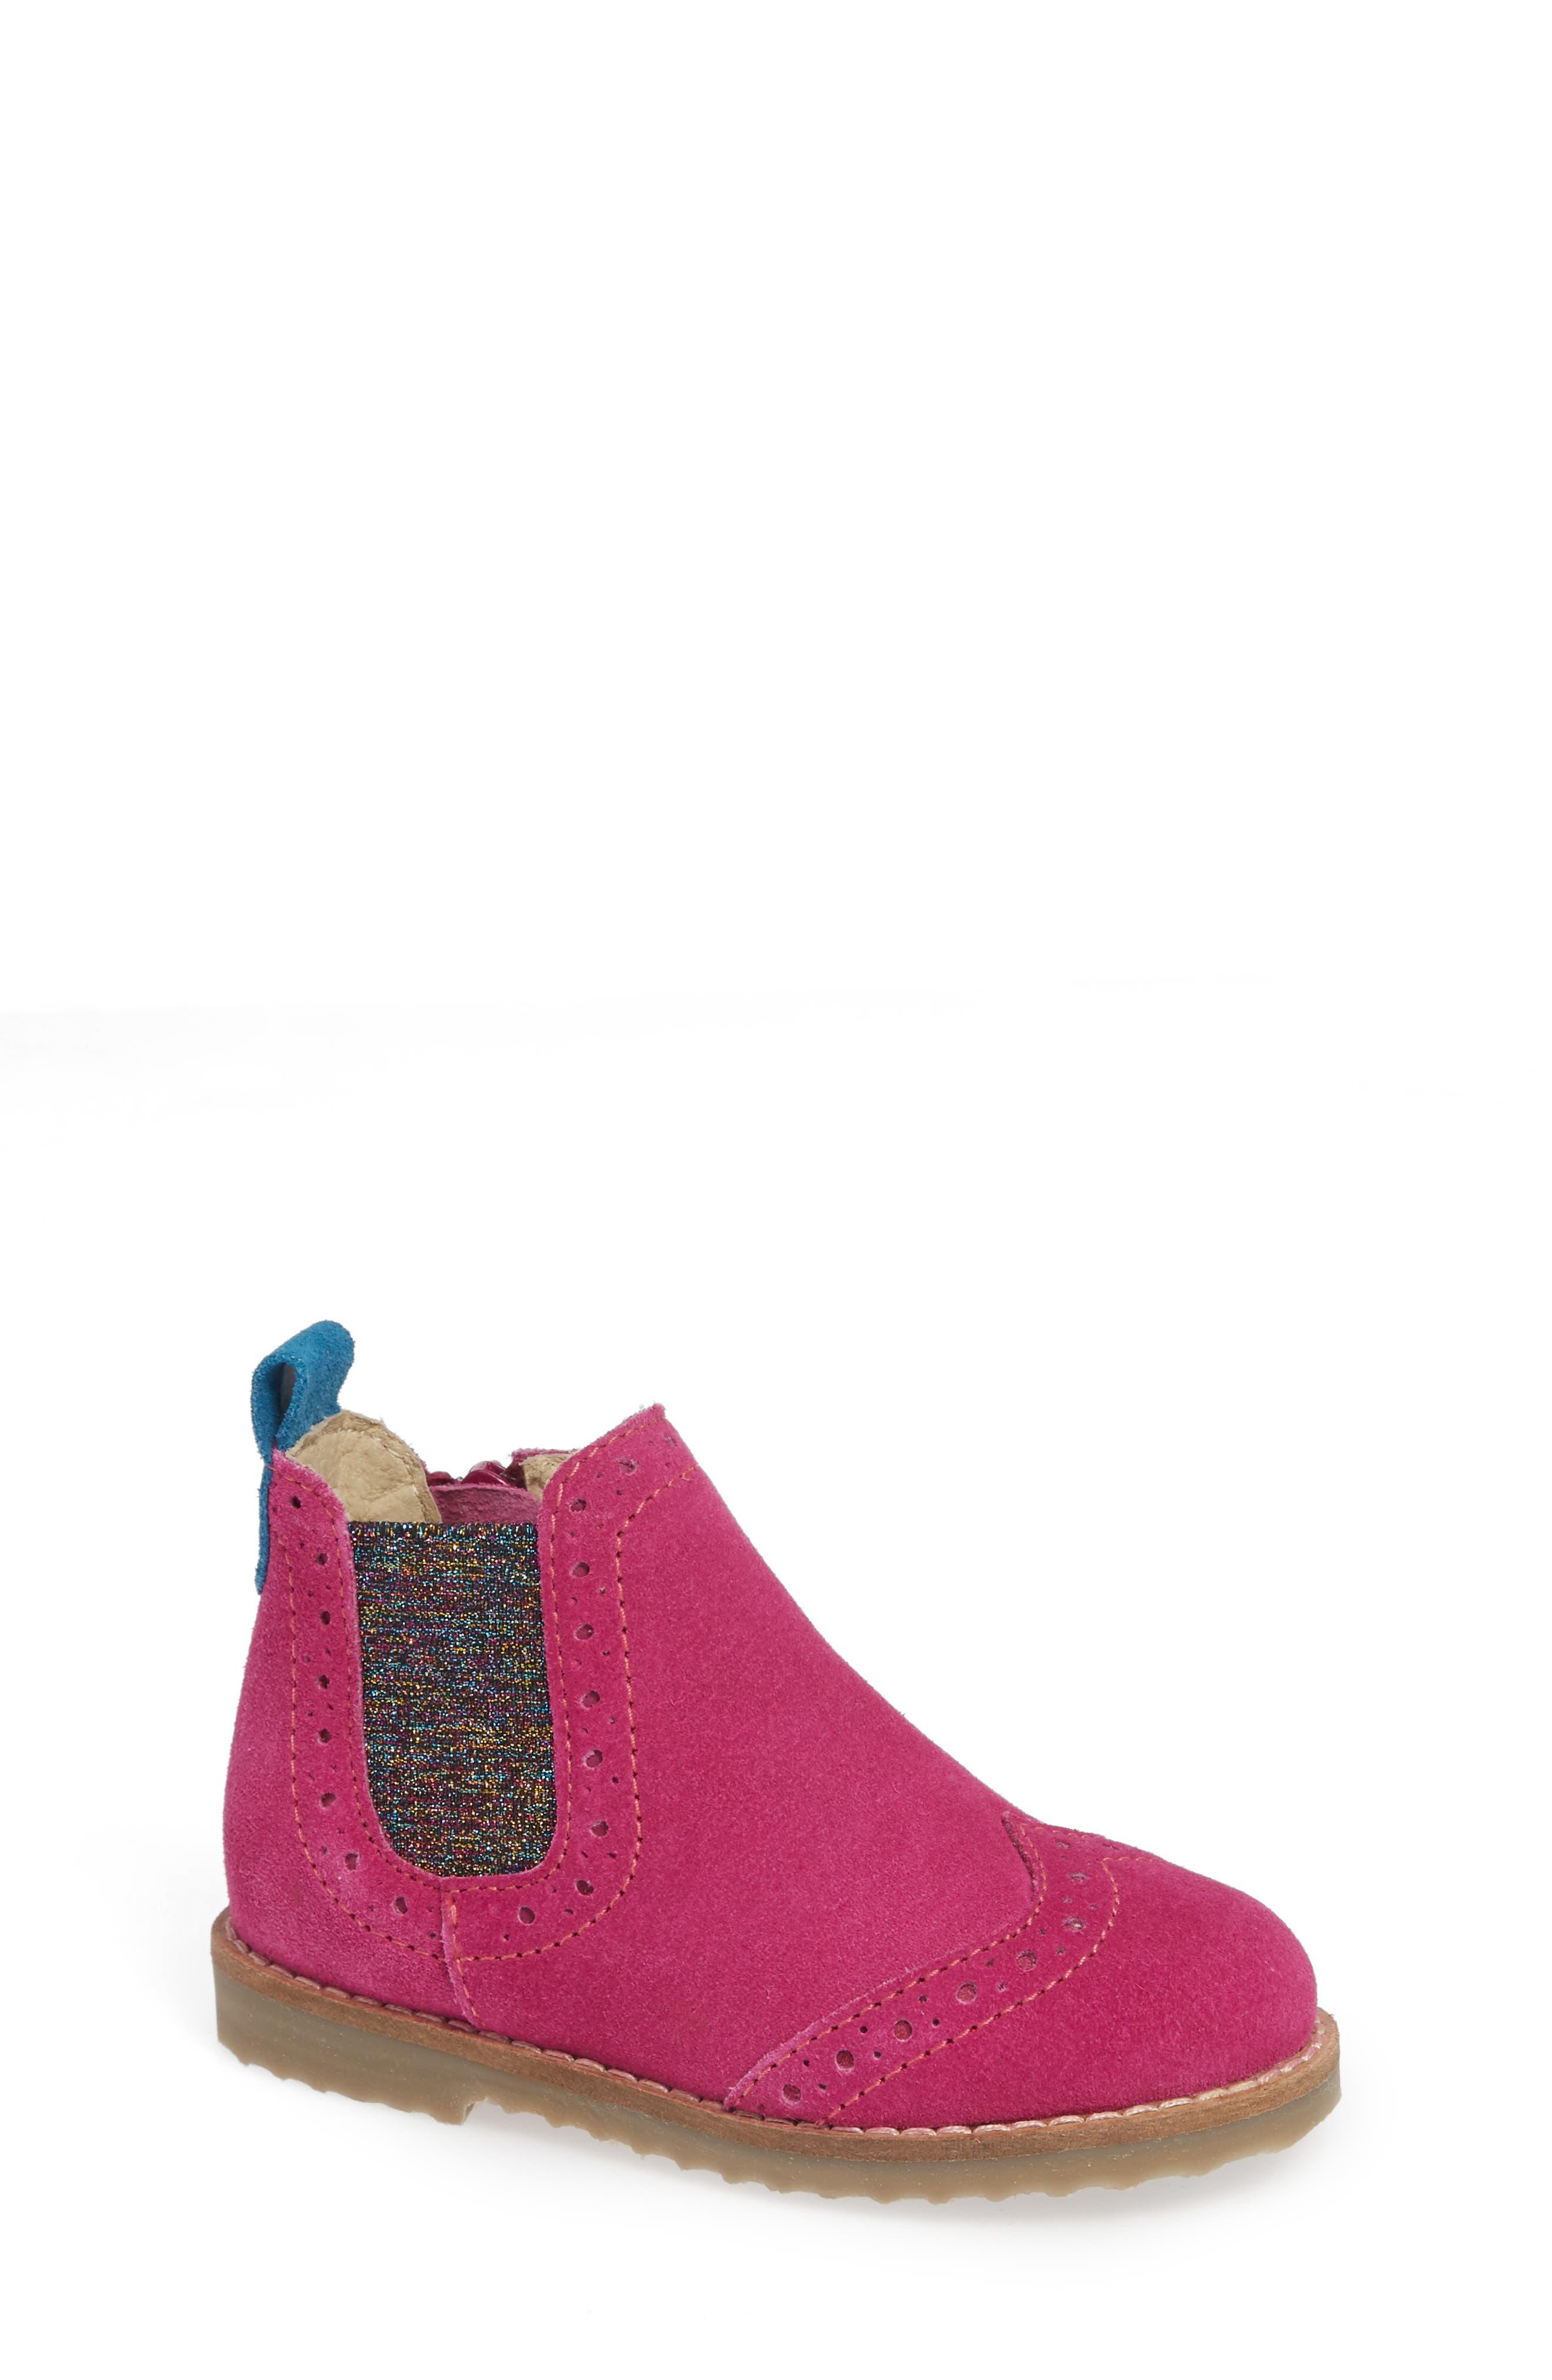 Chelsea Boot,                             Main thumbnail 1, color,                             REGAL PURPLE